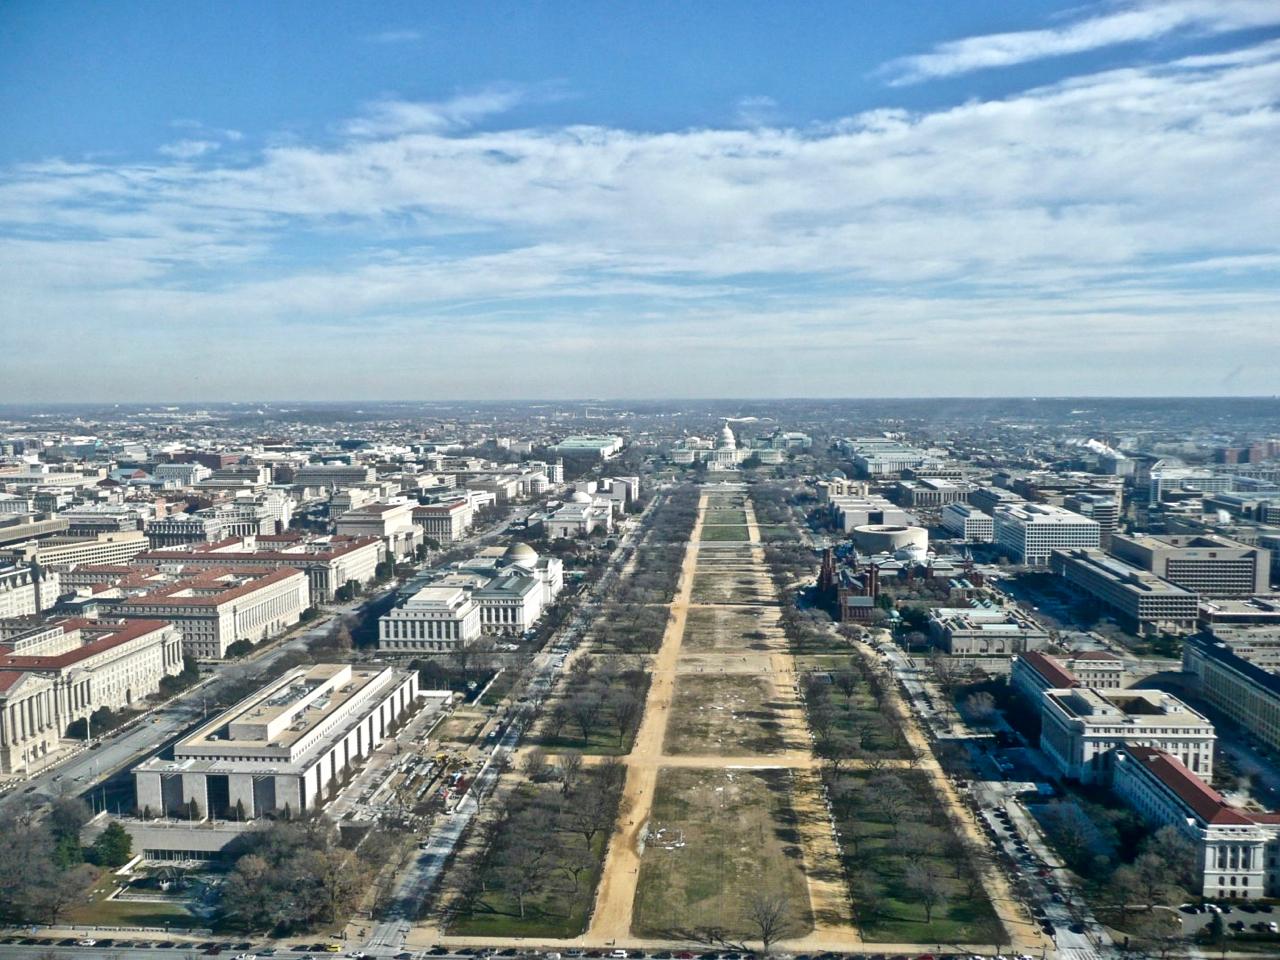 [懐古シリーズ]初めての国際会議は真冬のワシントン